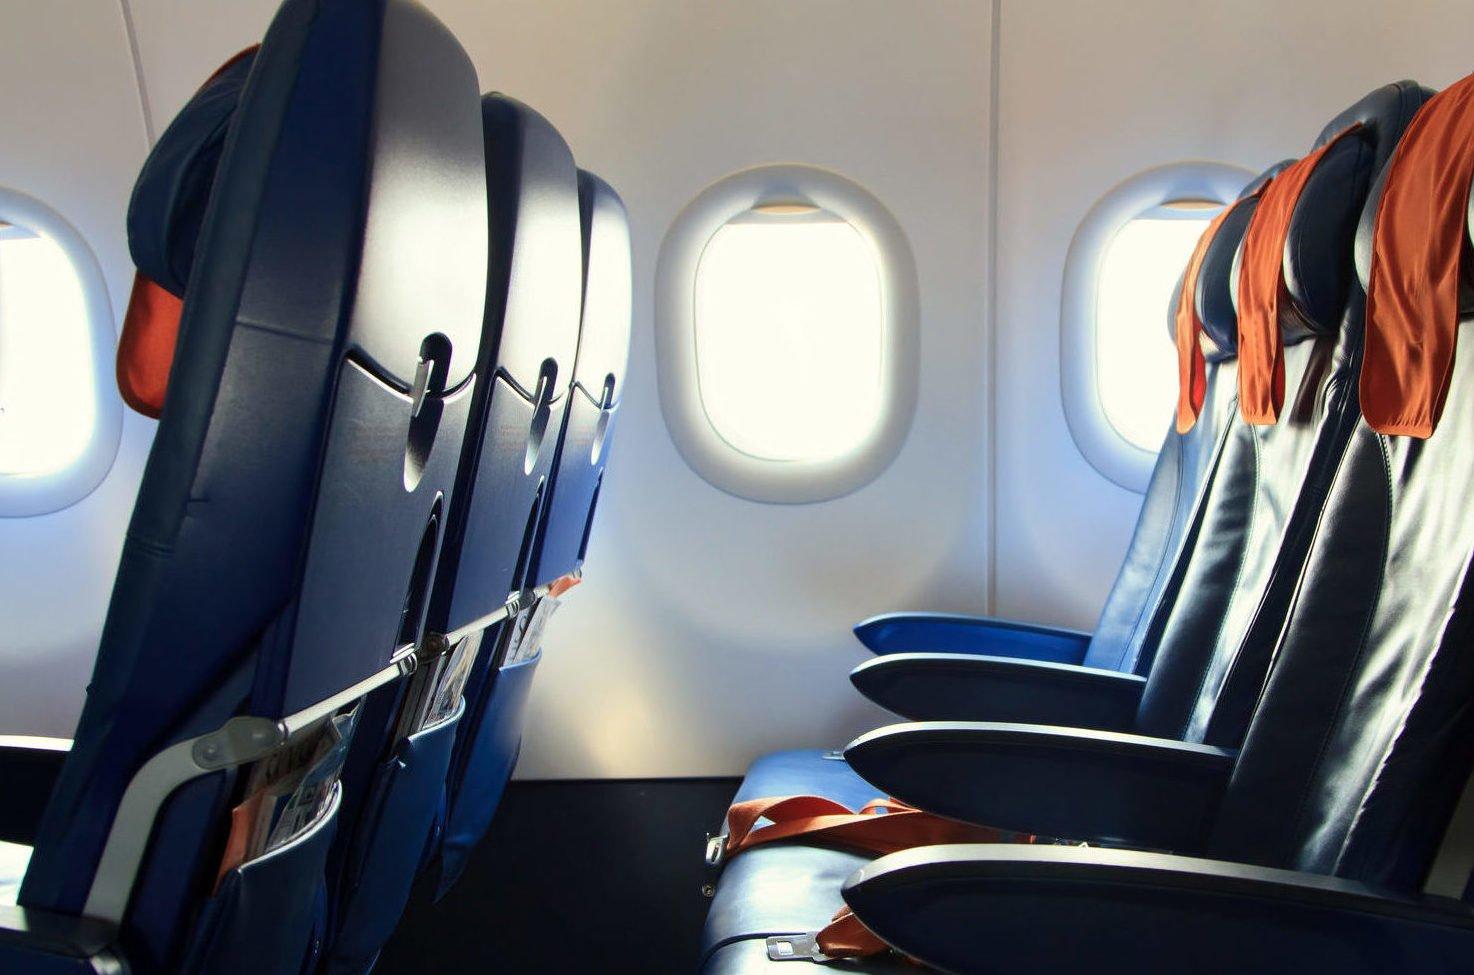 Sitzreihe XL Seats Flug